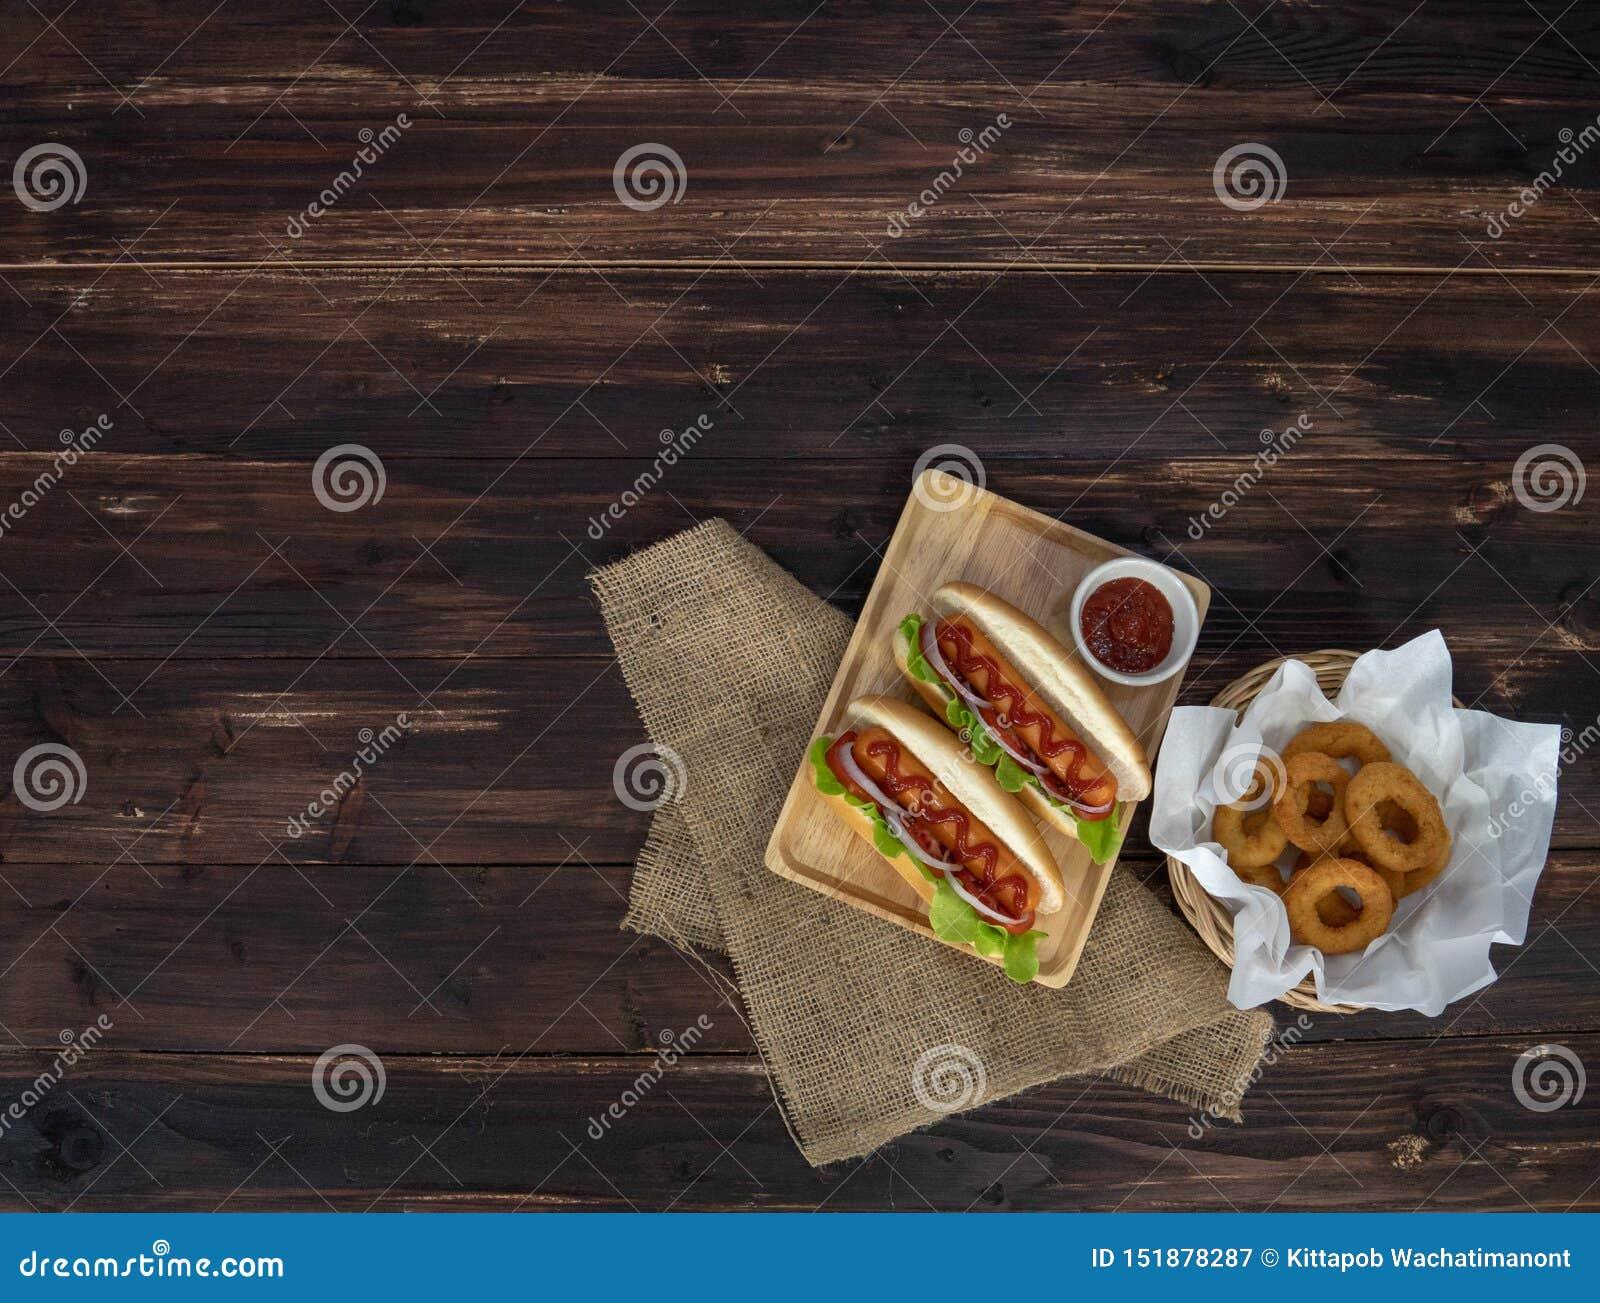 Hotdogs e anéis de cebola fritados, arranjado belamente, apetitosos na mesa de jantar de madeira marrom